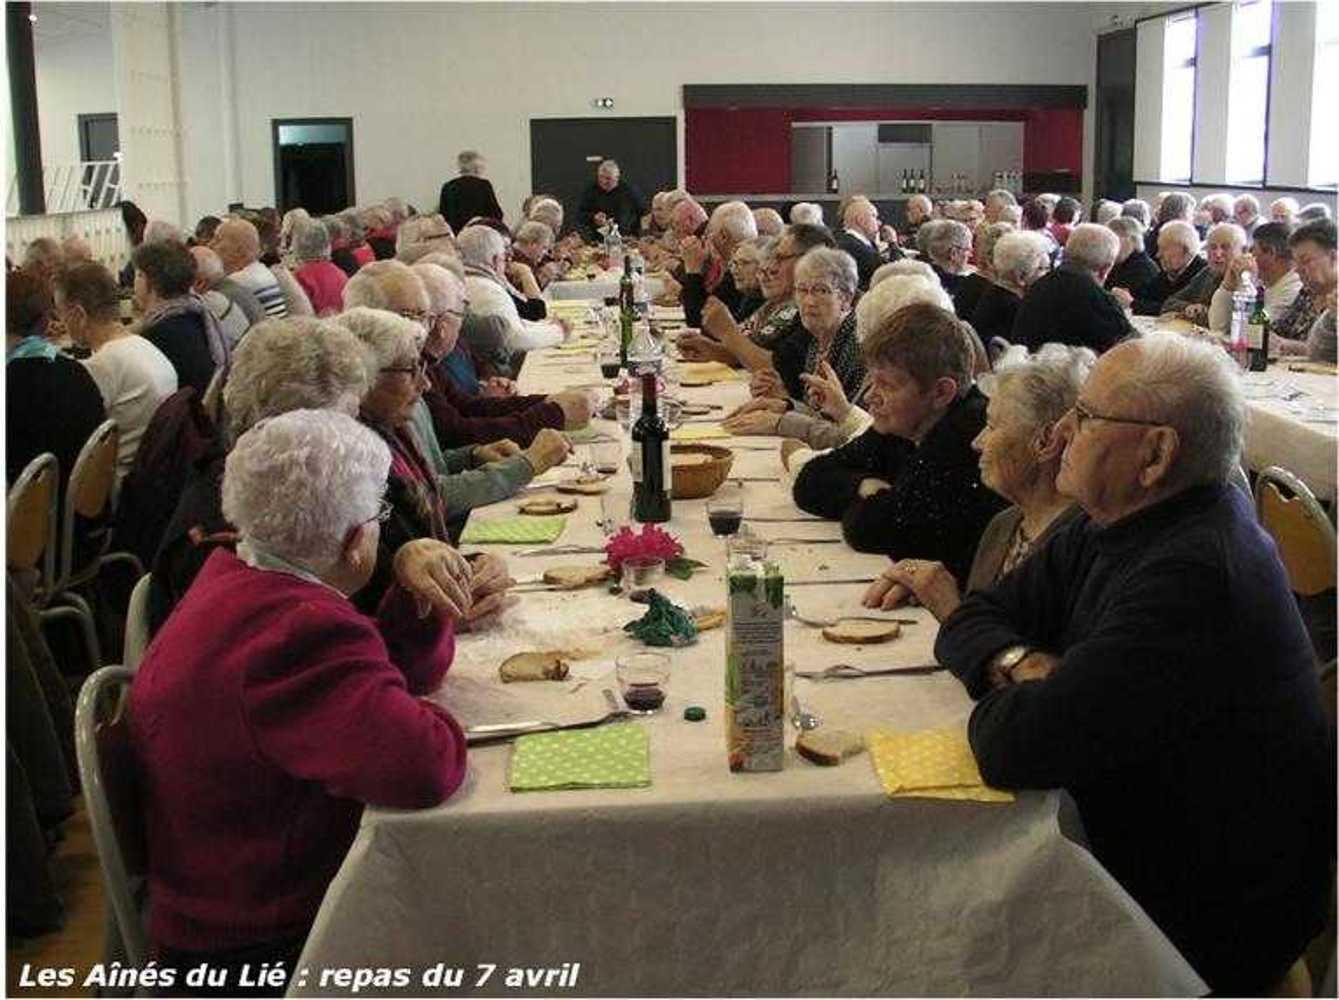 Les Aînés du Lié : photos du repas langue de boeuf image34